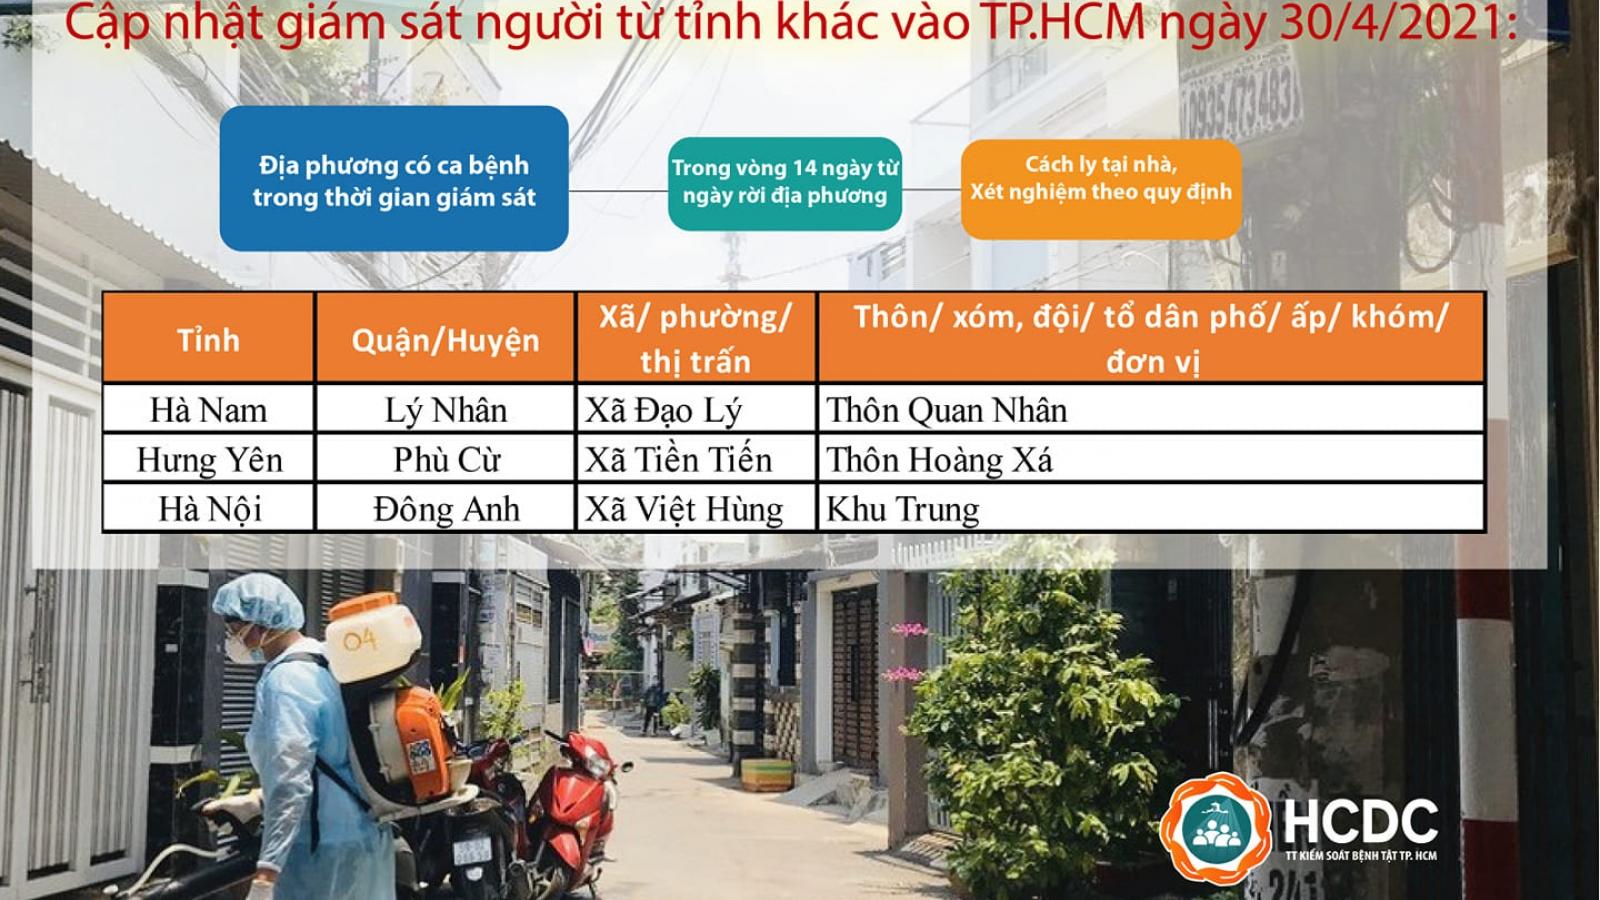 TPHCM cách ly tại nhà và xét nghiệm đối với những người đến từ địa phương có ca bệnh